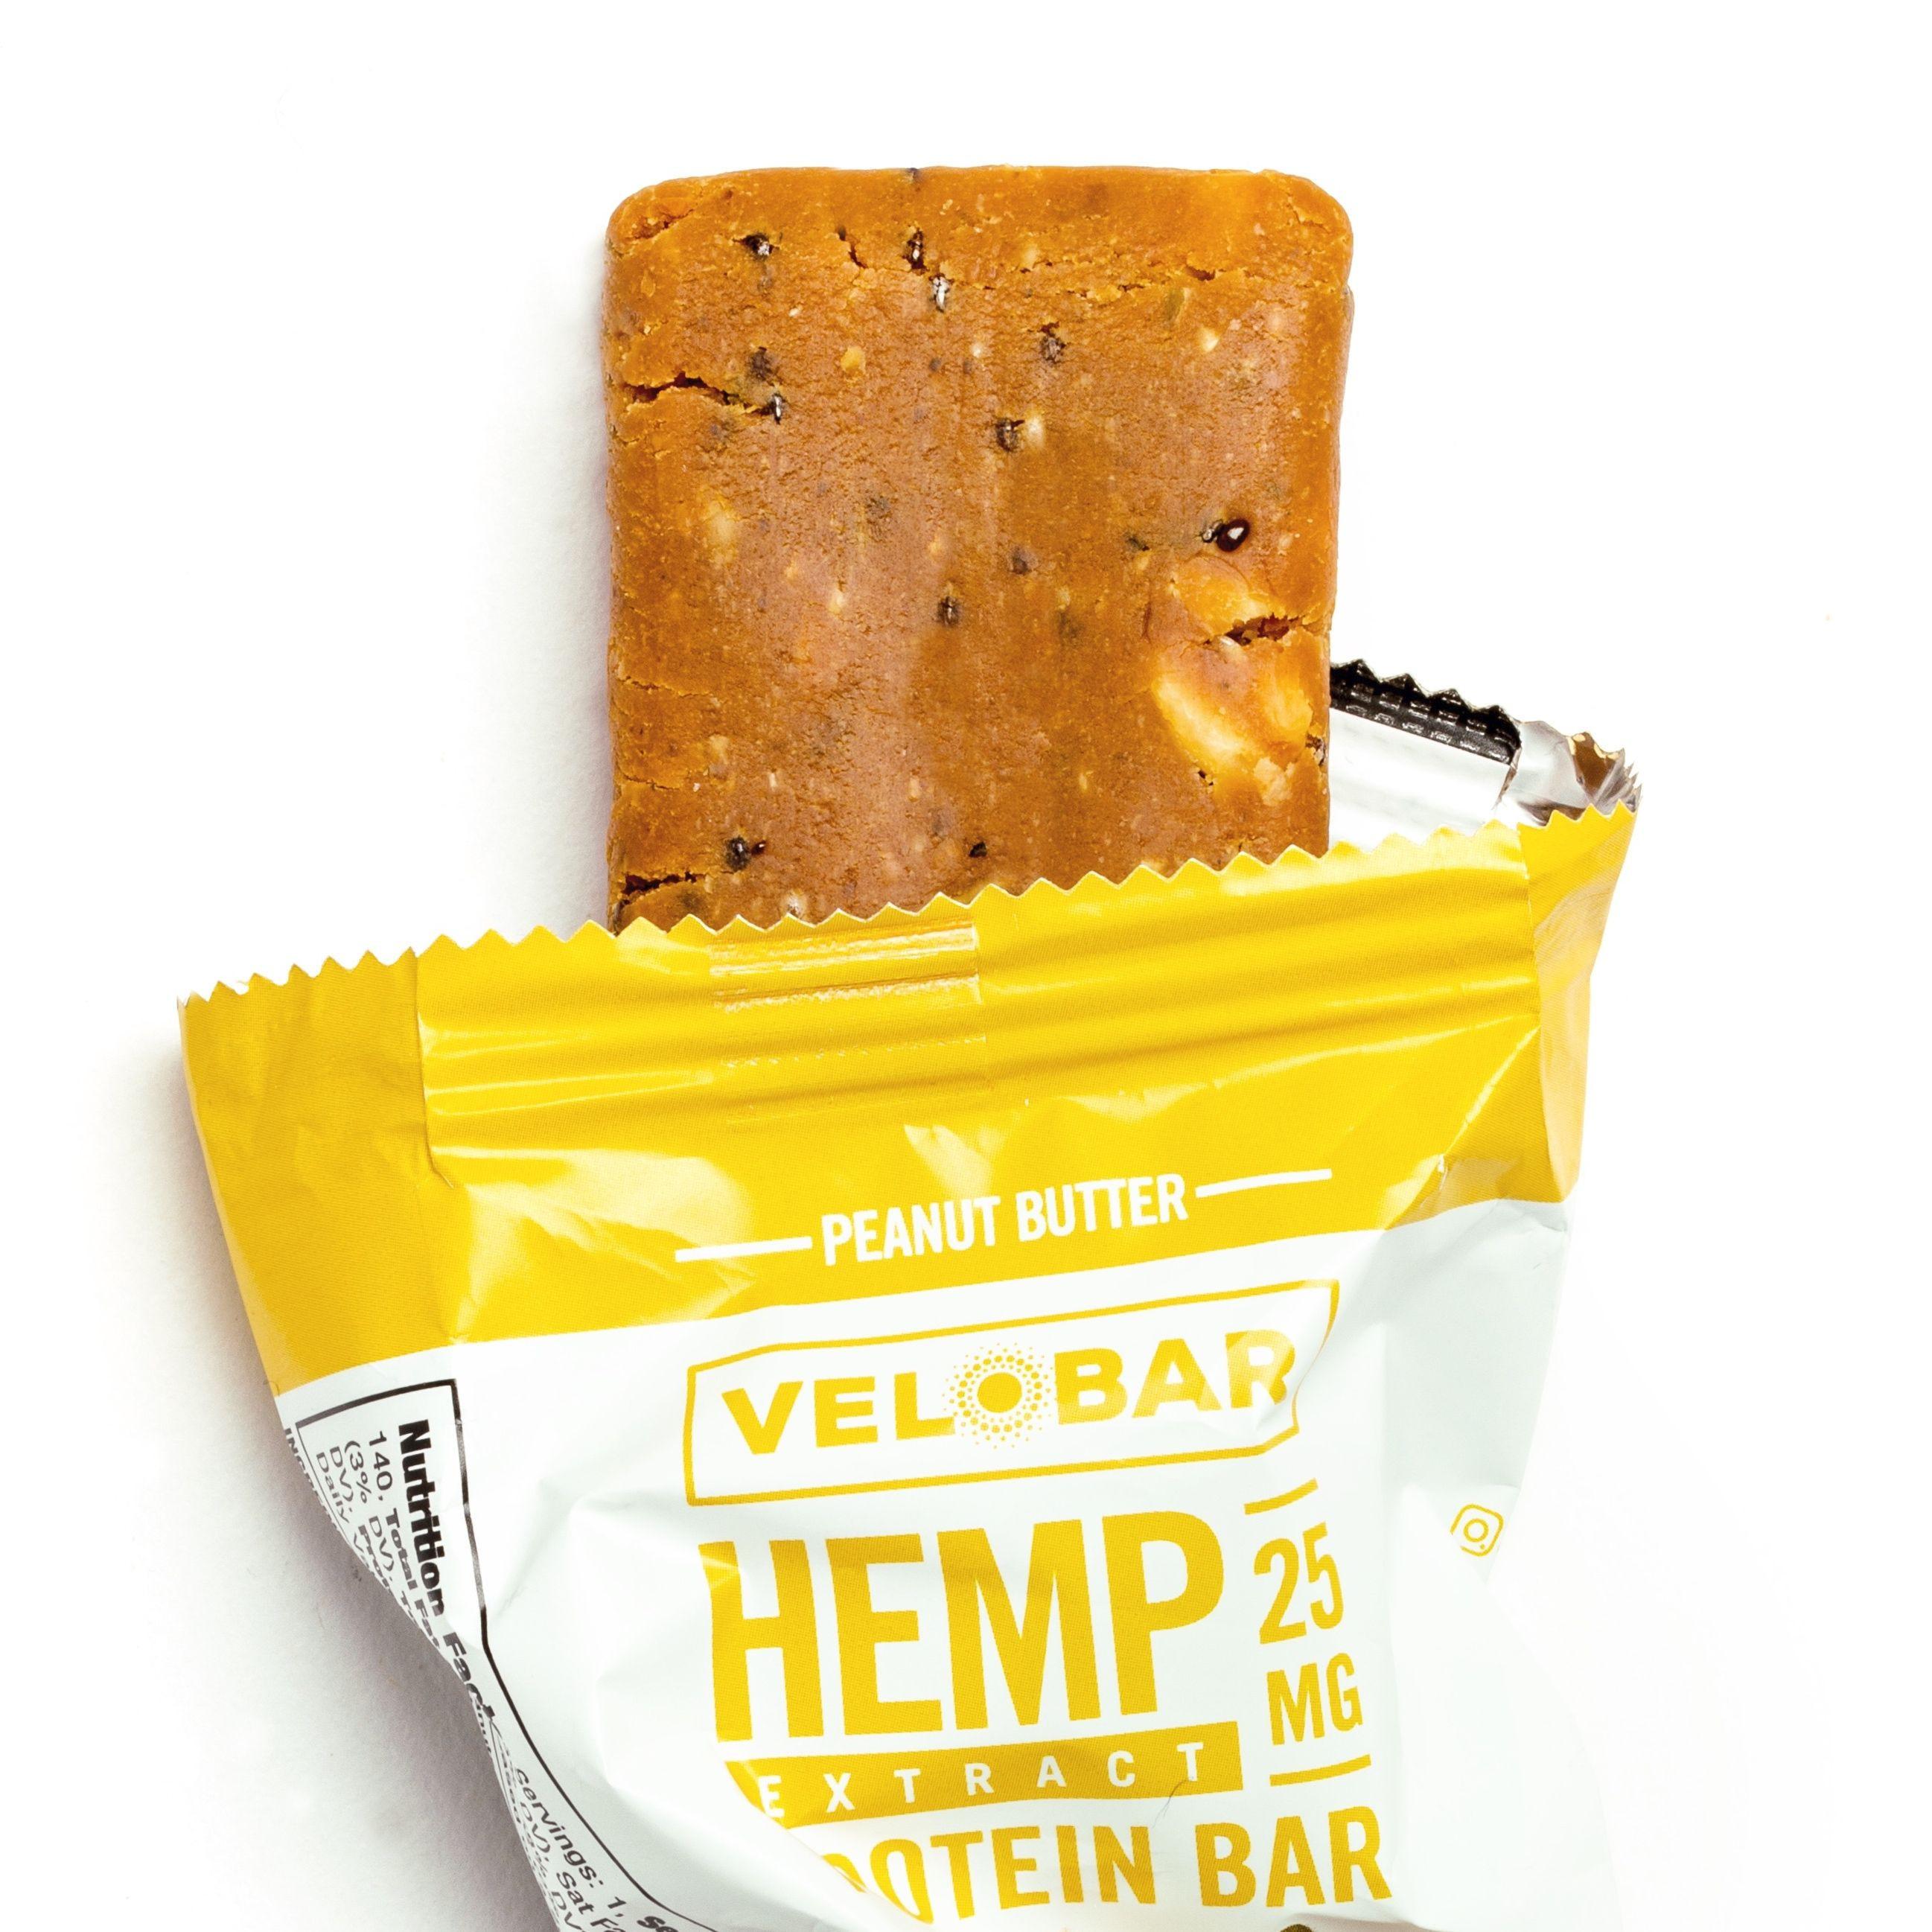 Velobar Hemp Extract Protein Bar / Peanut Butter flavor